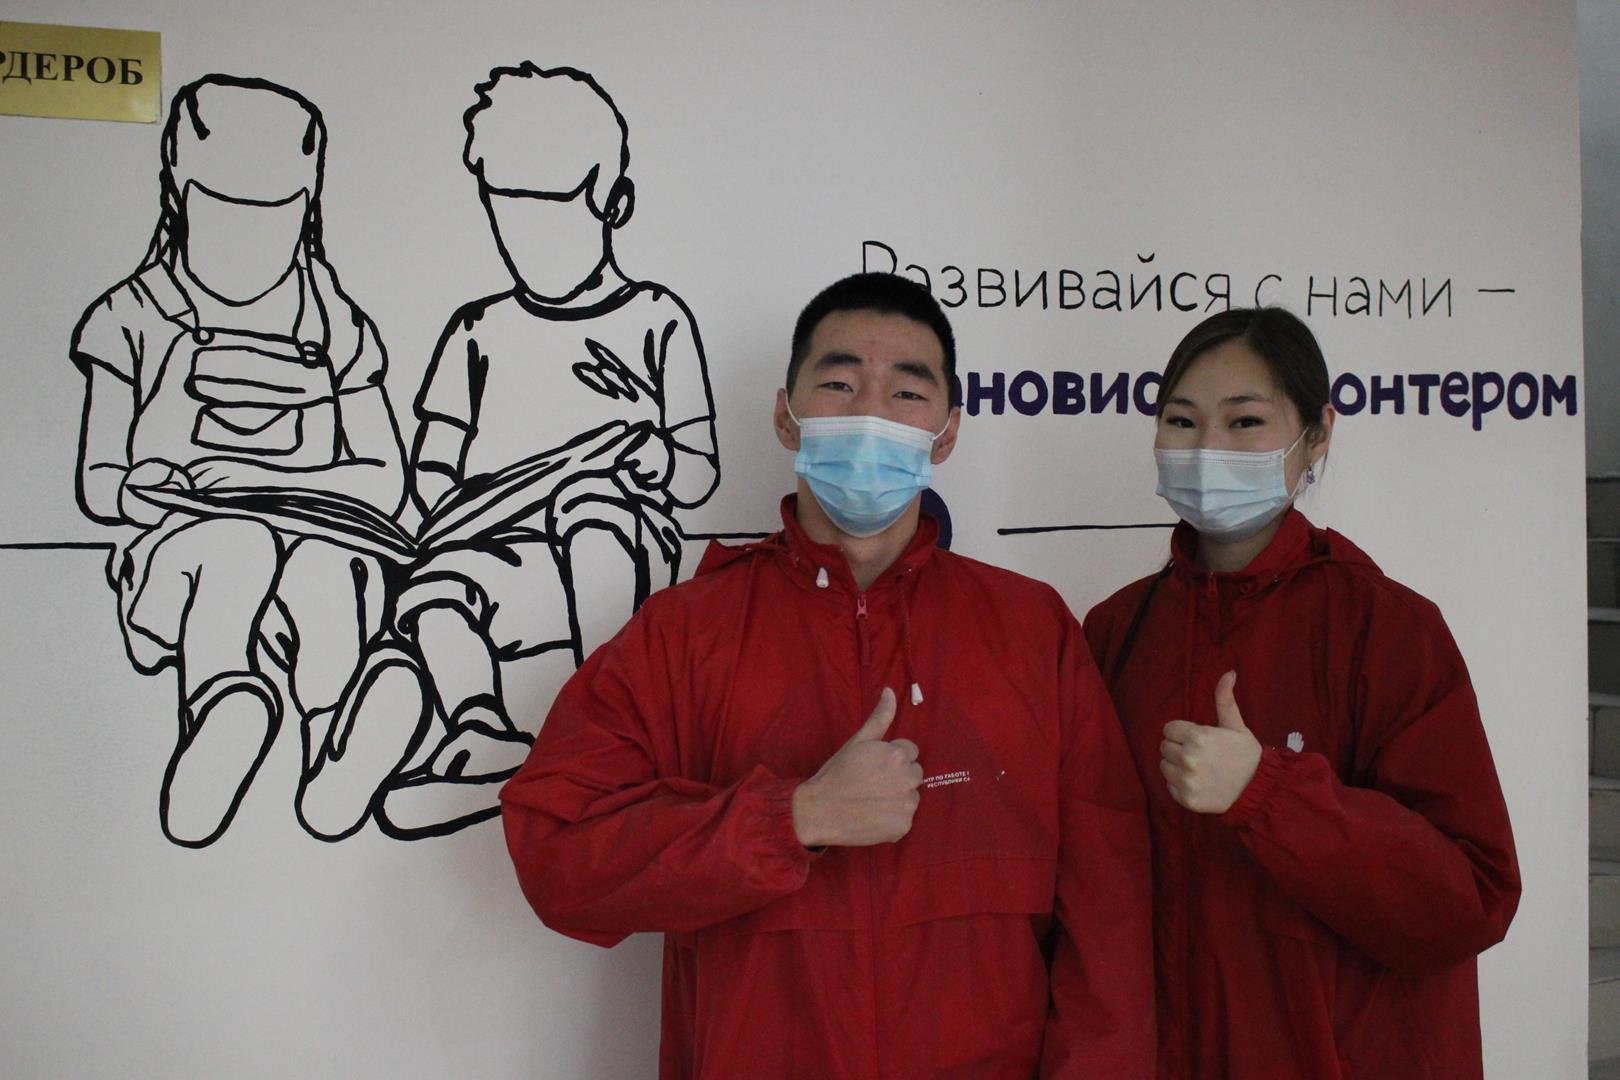 Волонтеры Якутии. Репортаж ЯСИА о работе добровольцев во время пандемии